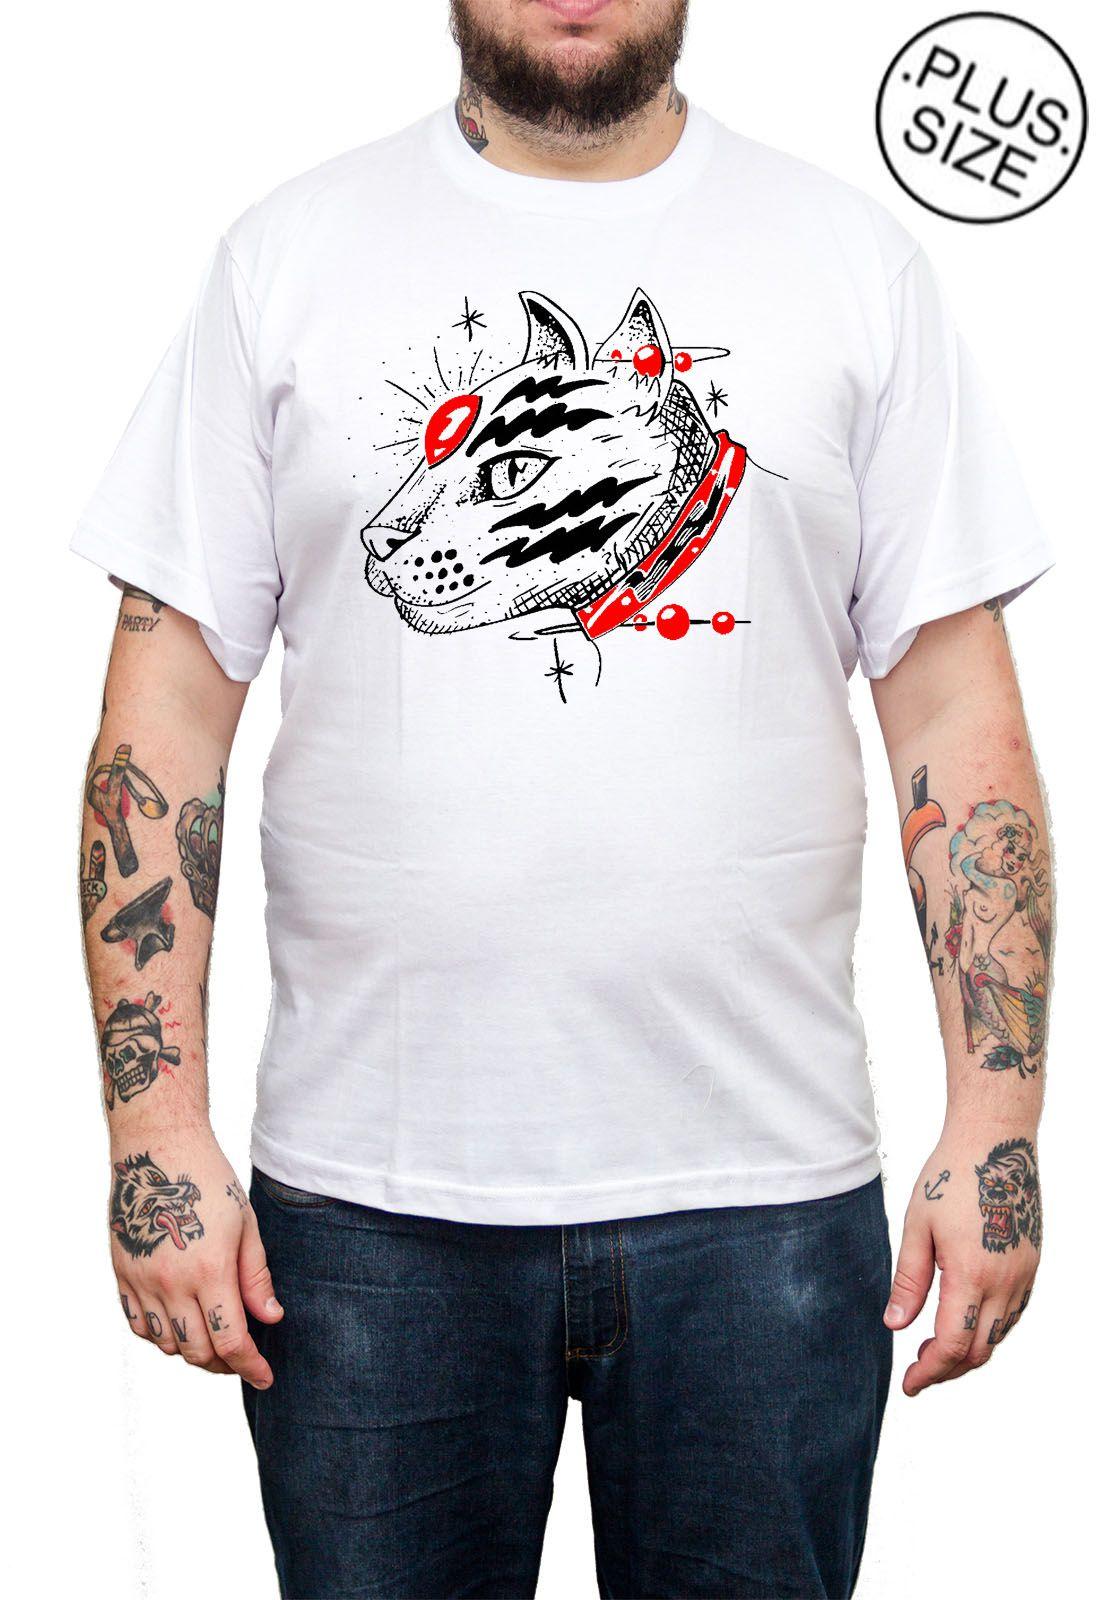 Camiseta Hshop Catz - Branco - Plus Size - Tamanho Grande XG  - HShop